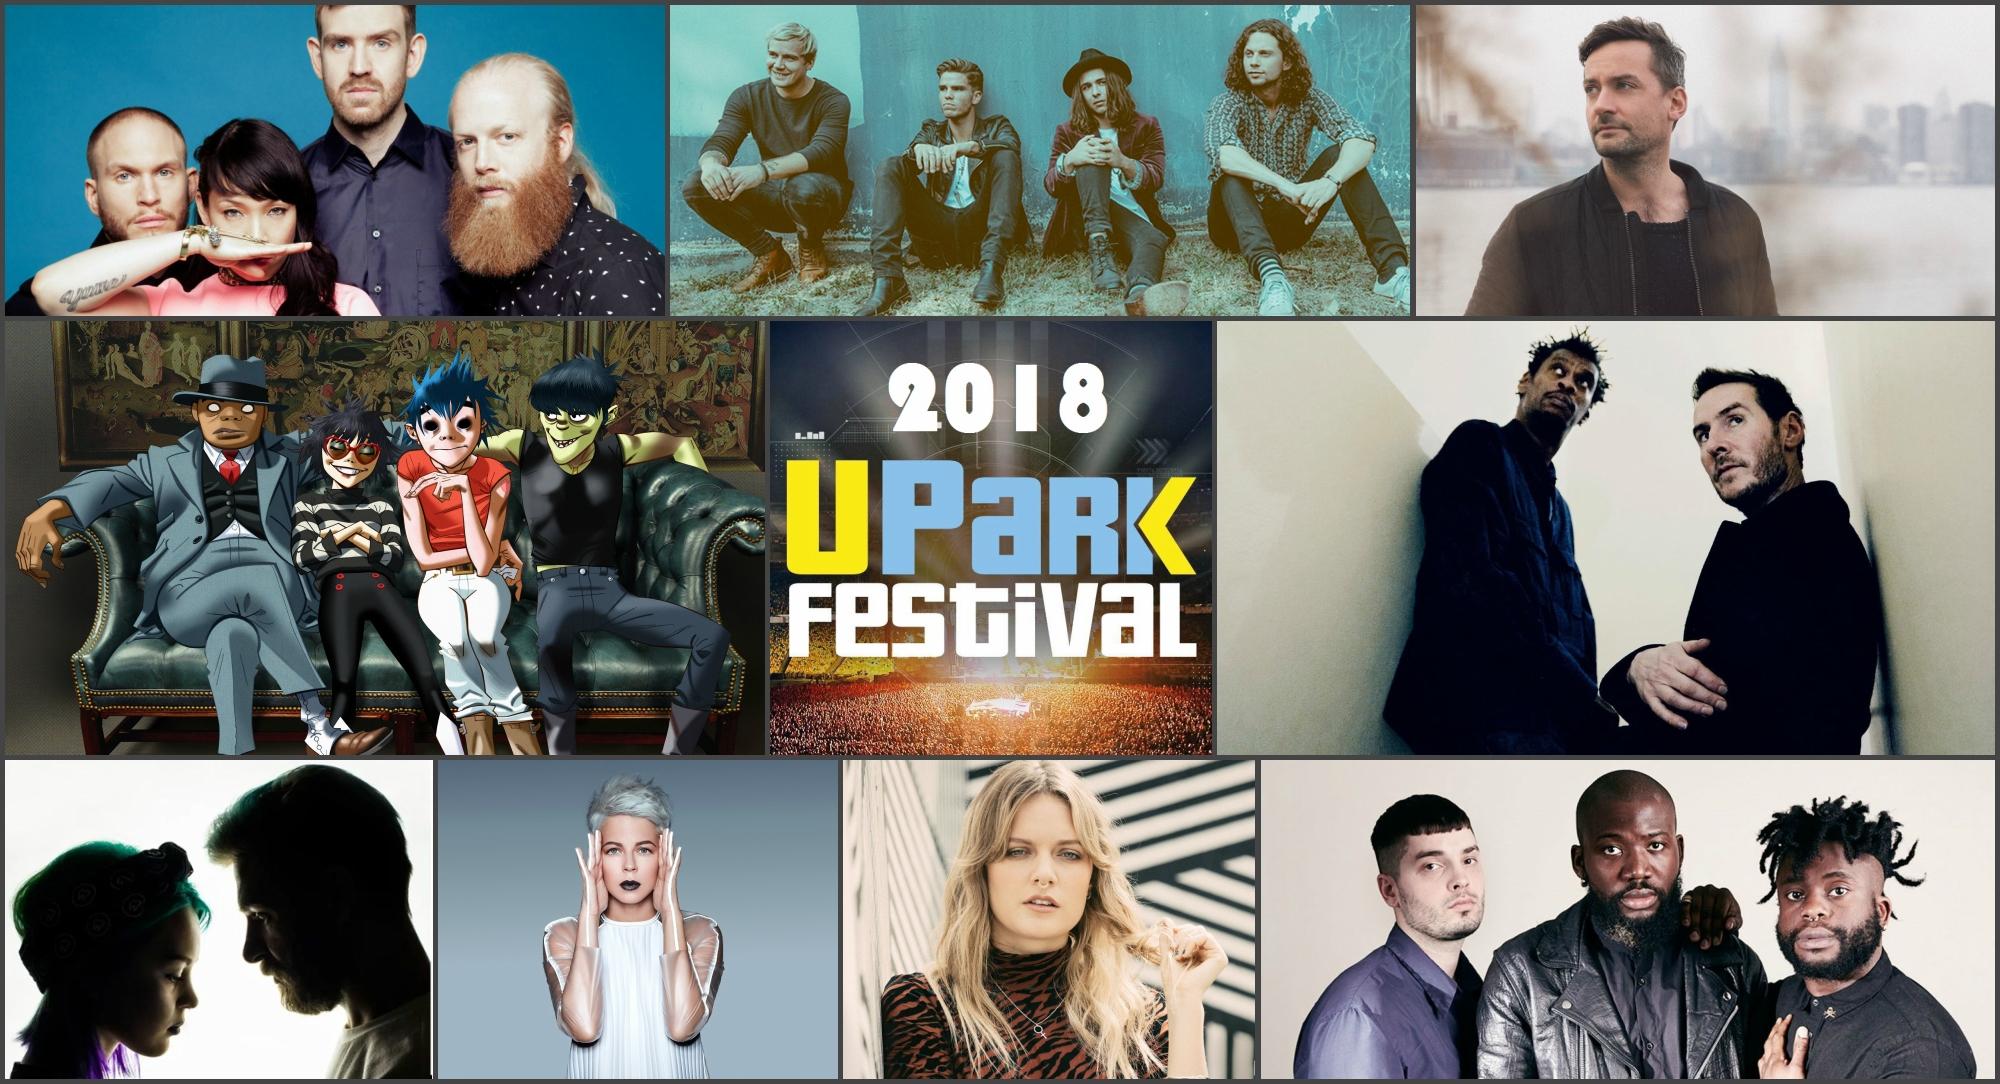 <strong>UPark 2018 в деталях: все про найочікуваніший український фестиваль року</strong>